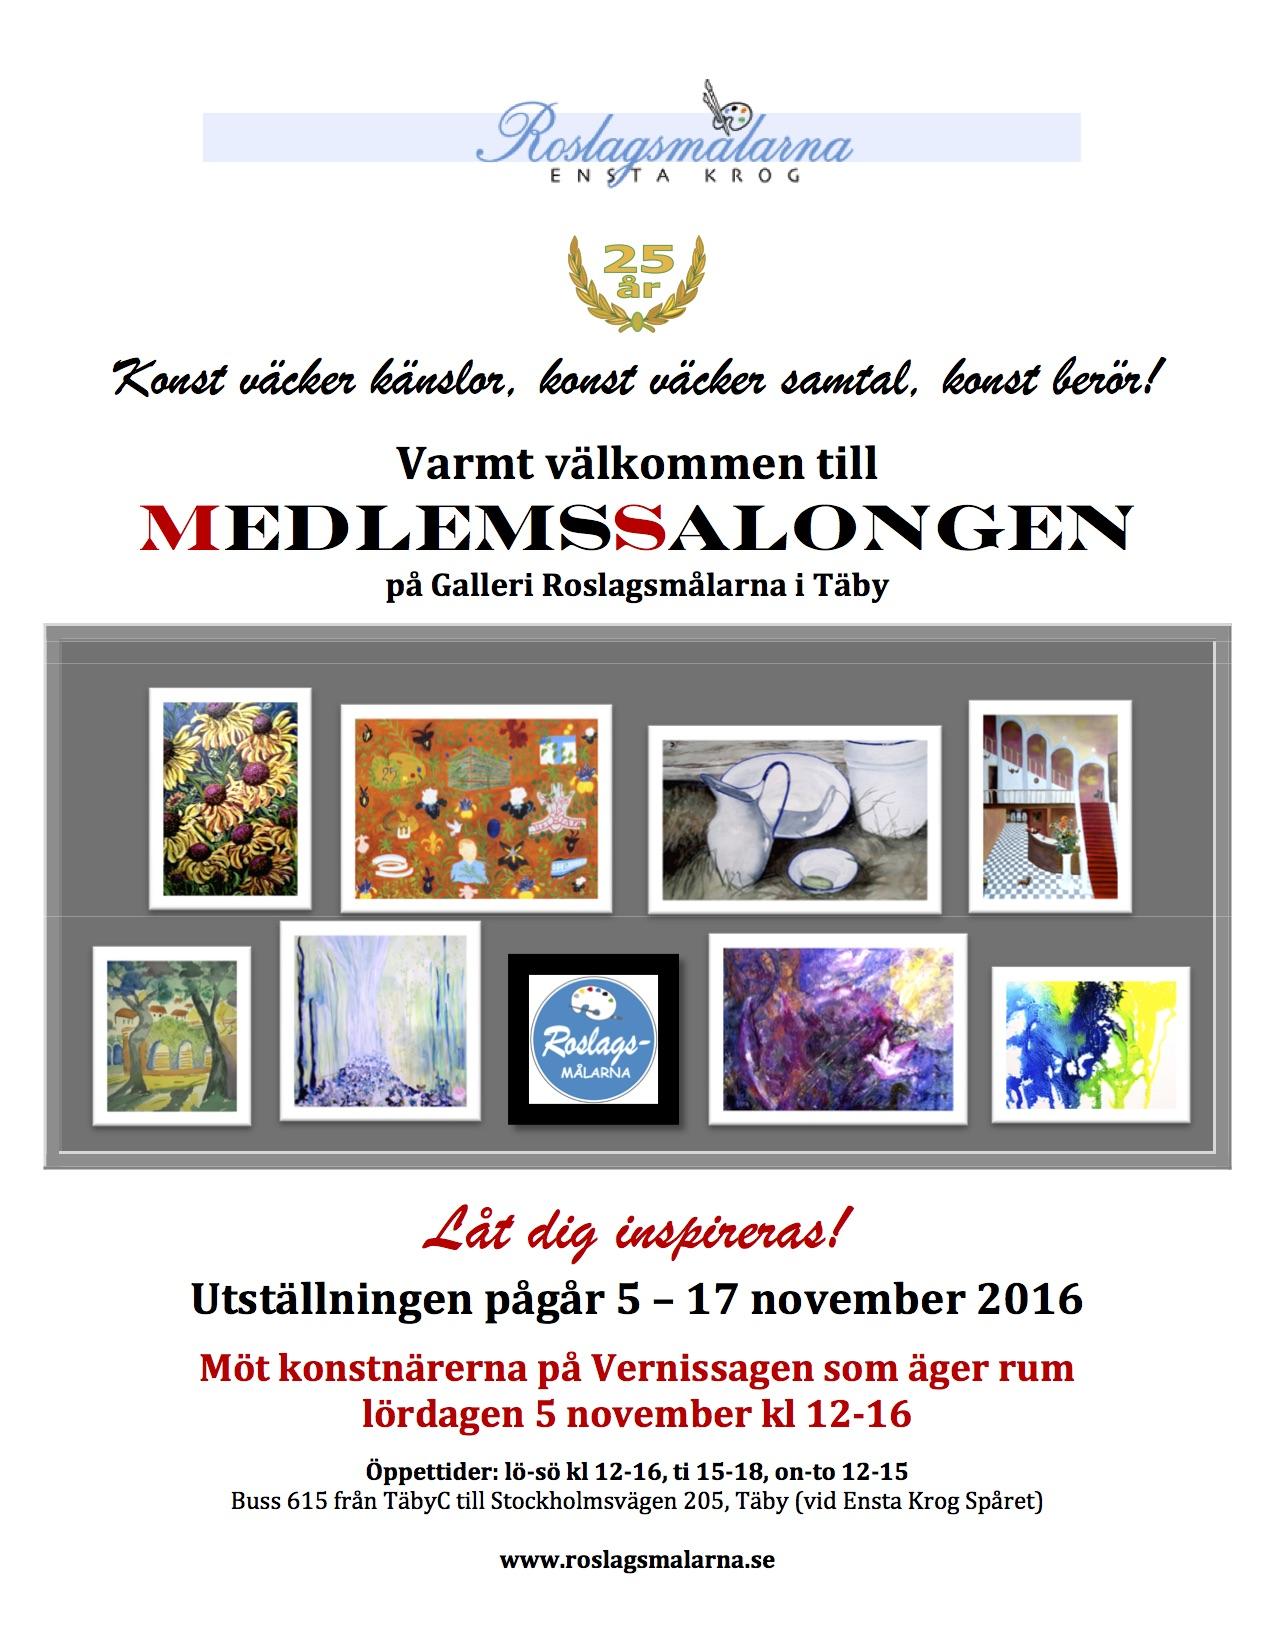 medlemssalong-roslagsmalarna-5-17nov-2016